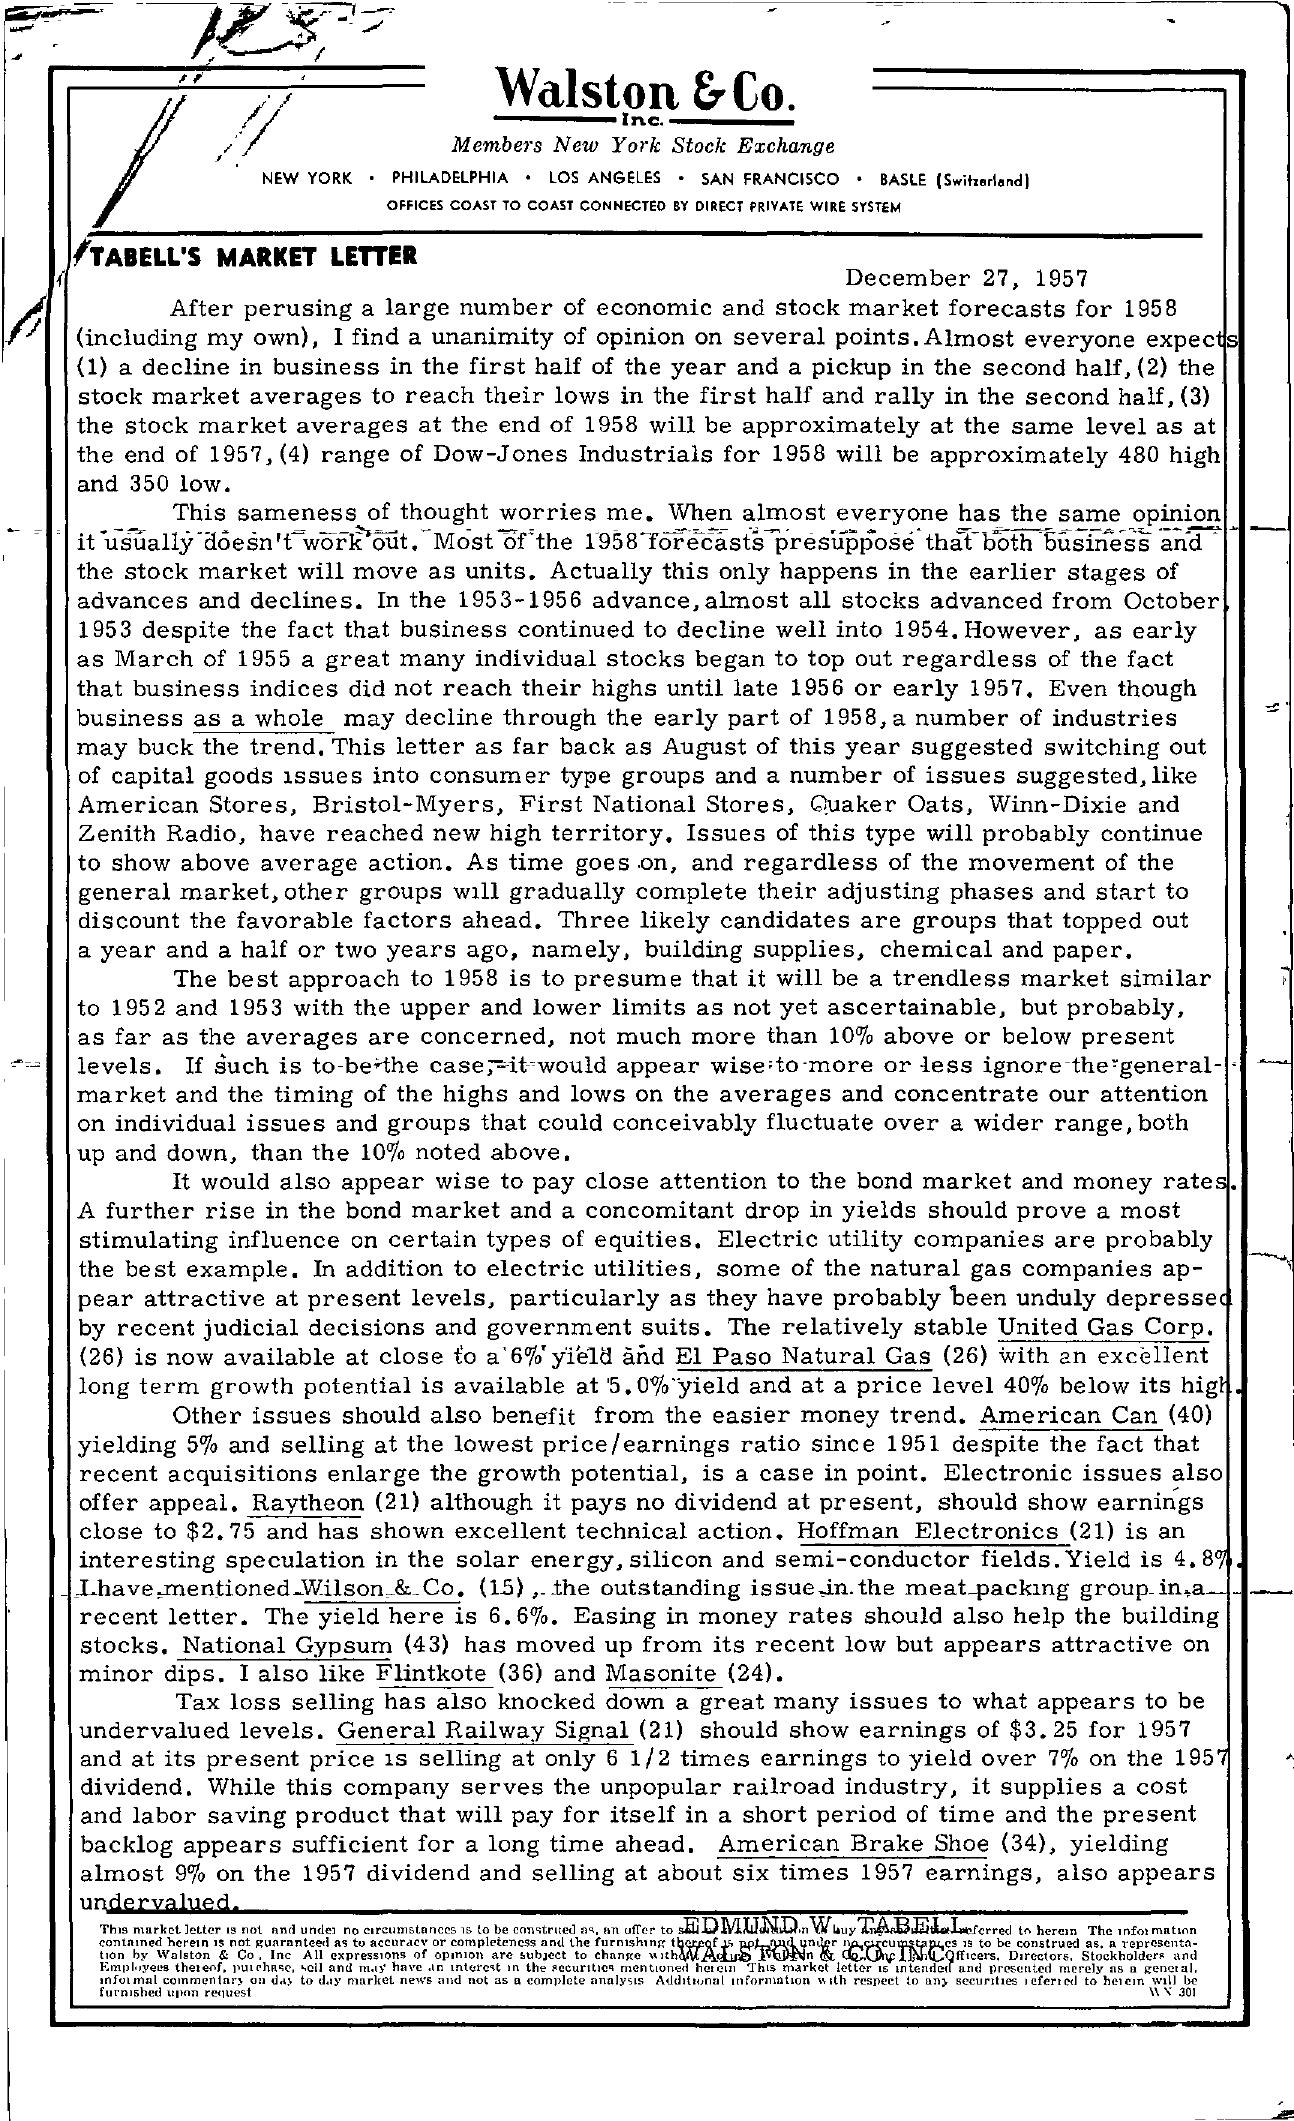 Tabell's Market Letter - December 27, 1957